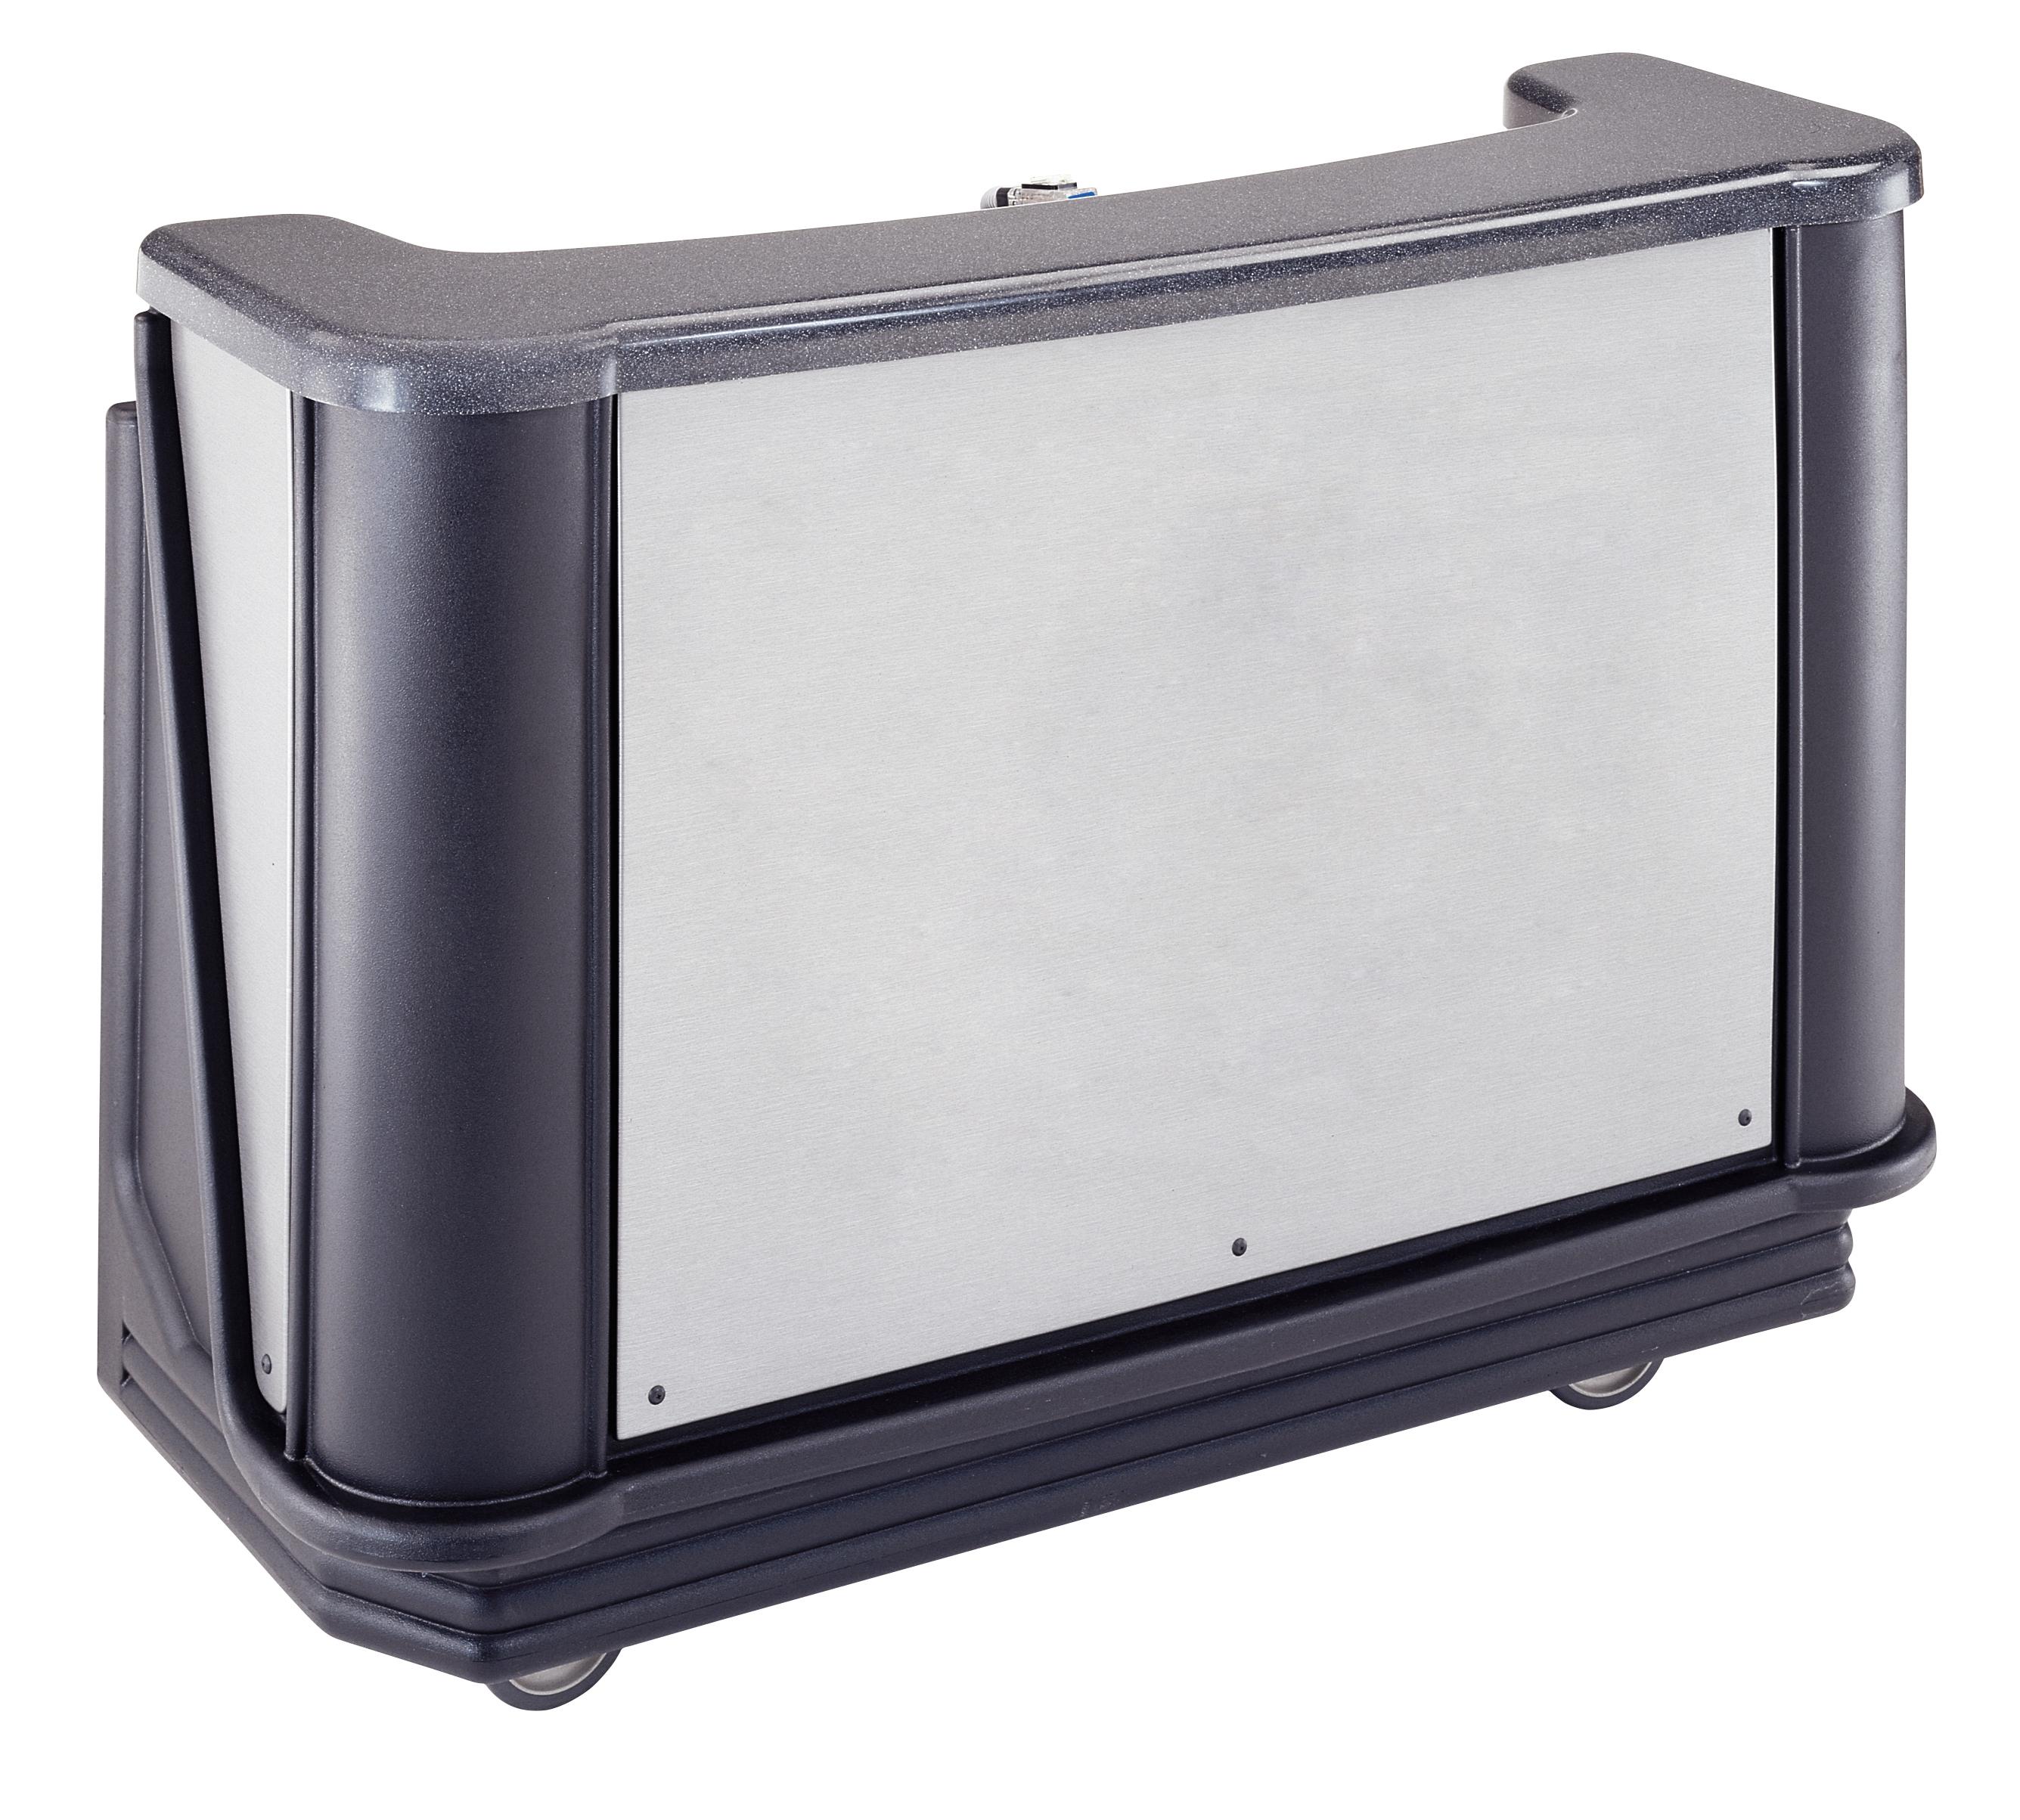 Cambro BAR650DSCP770 portable bar